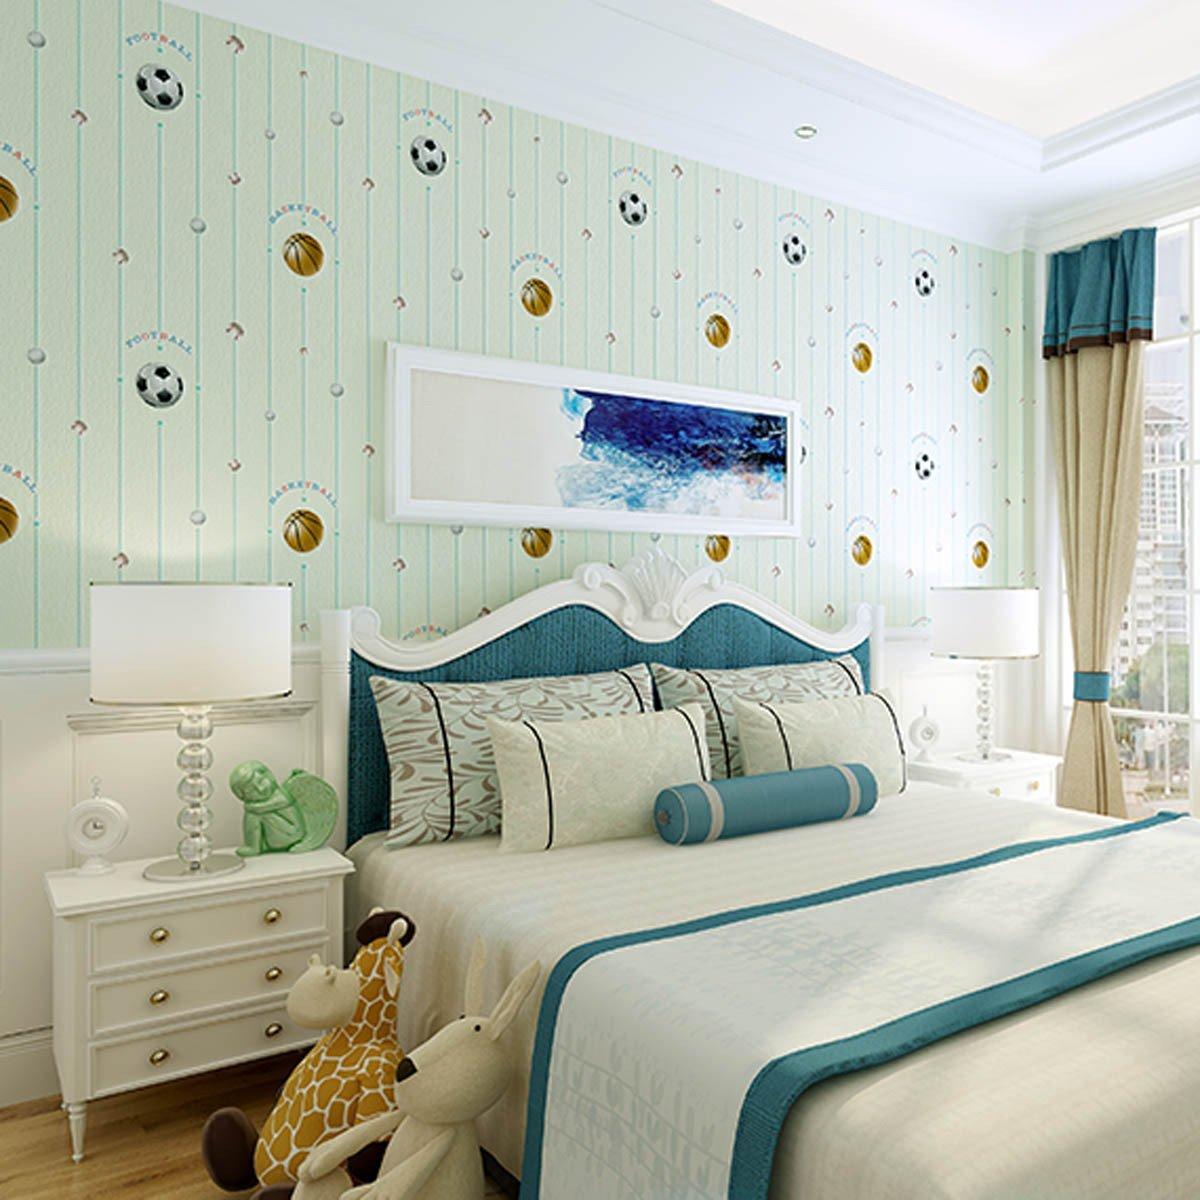 3d tapeten schlafzimmer kaufen bettw sche jungen f r doppelbett schlafzimmer ideen grau gr n - Tapeten schlafzimmer landhaus ...